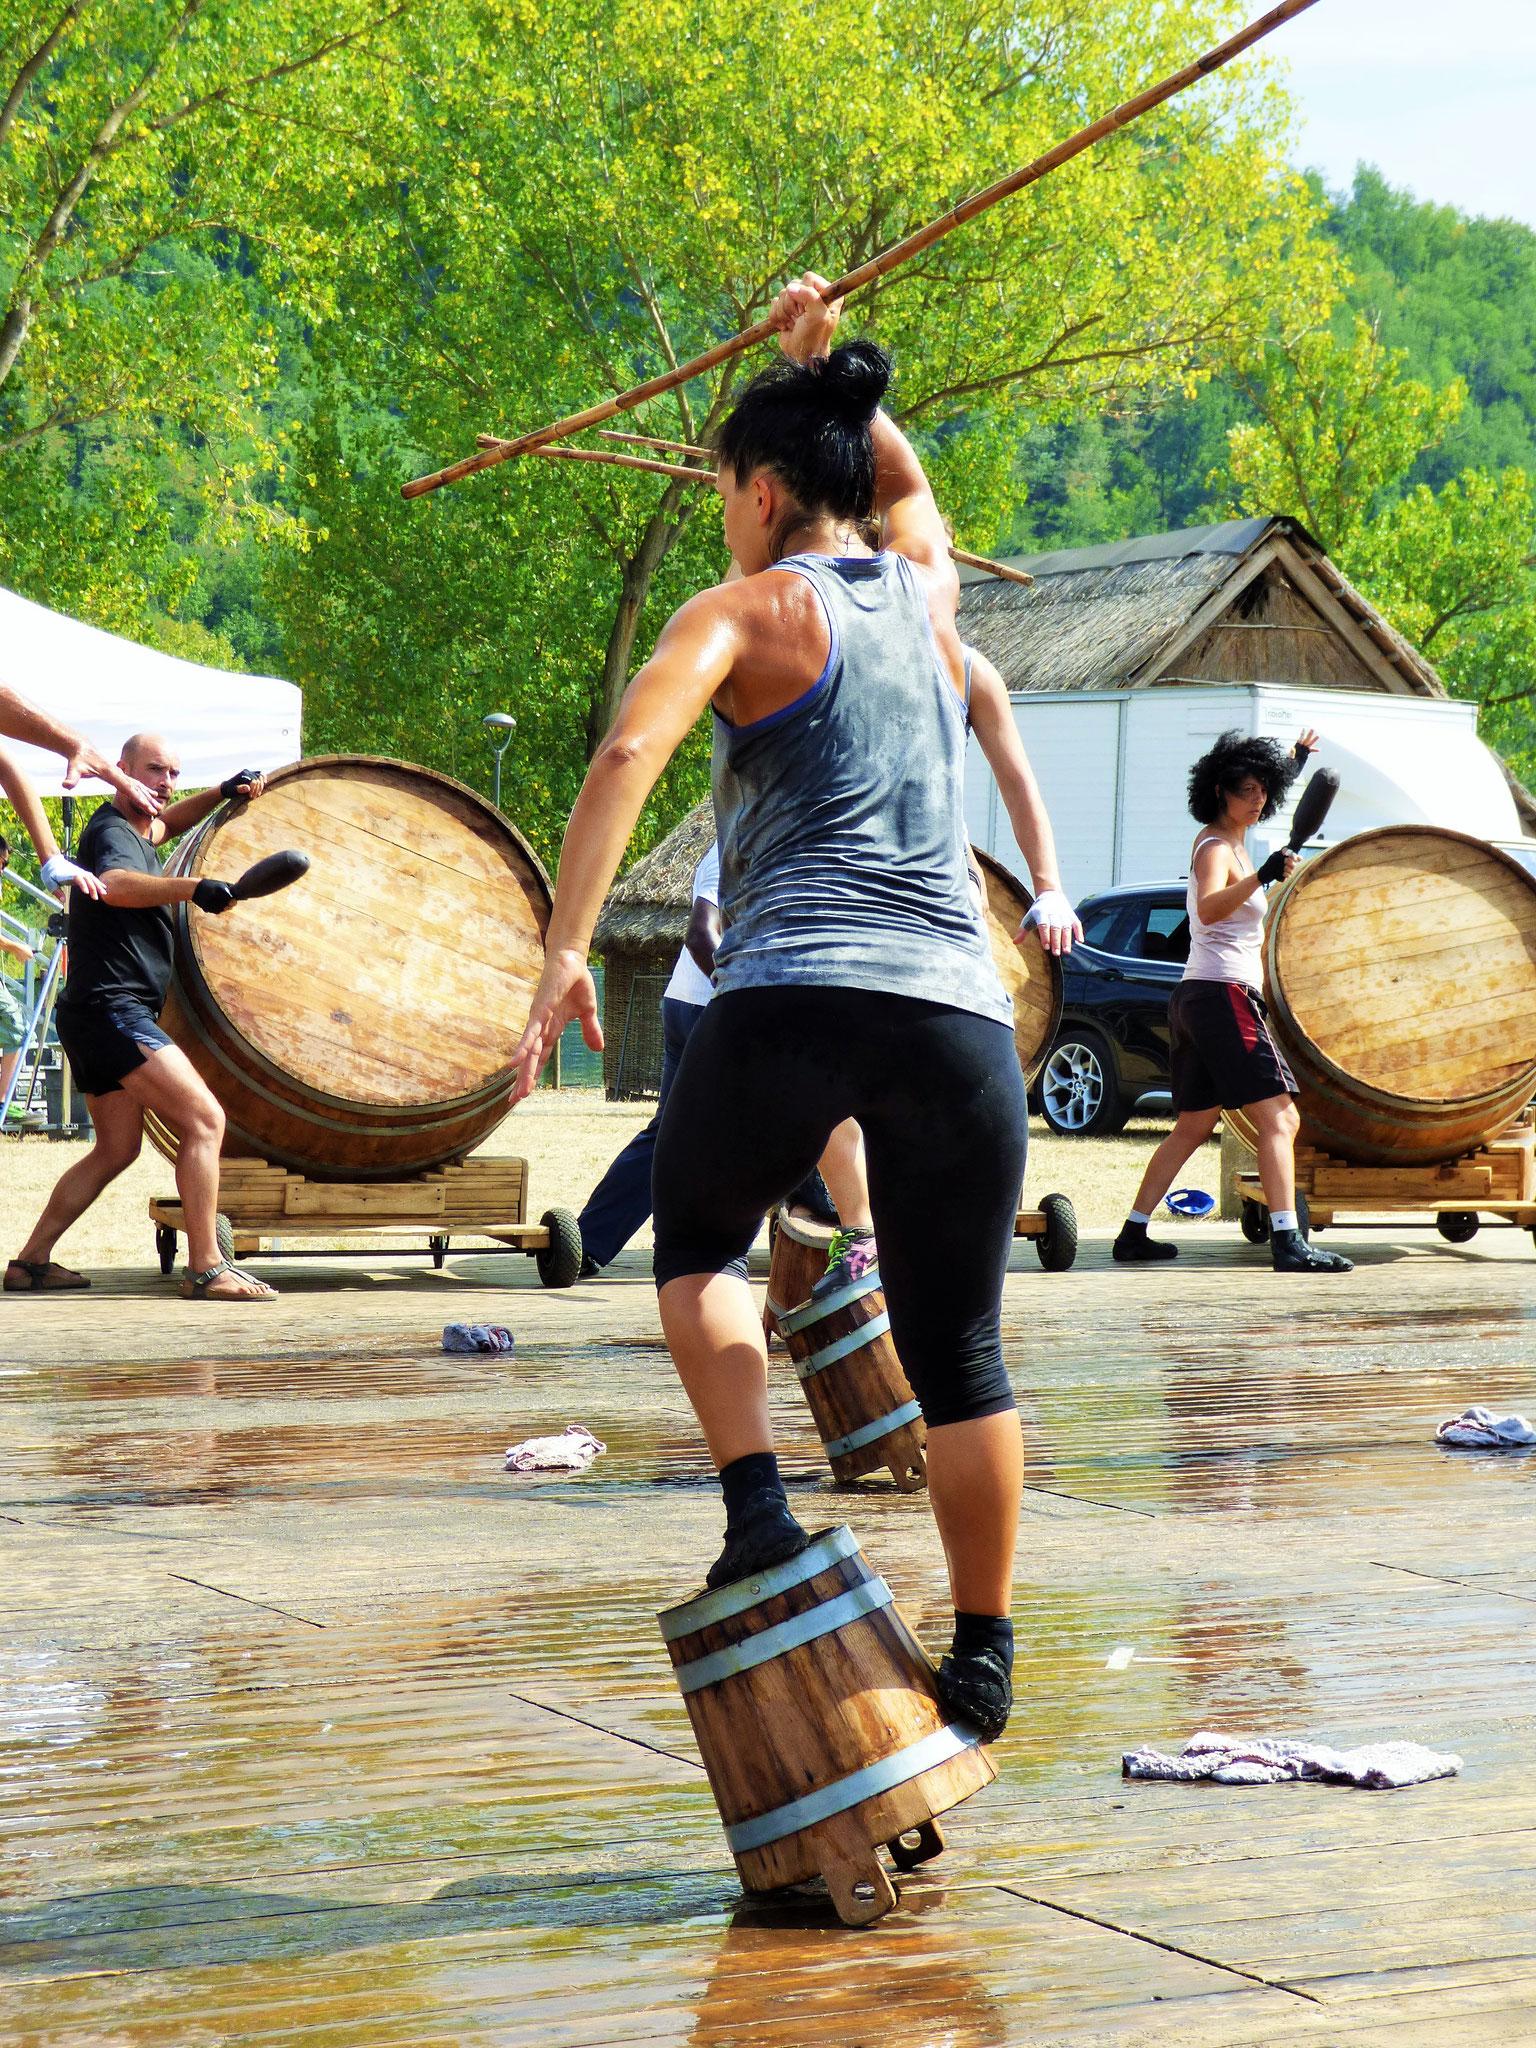 prove generali di Cant'ieri Festival Parco Archeologico Travo (PC)